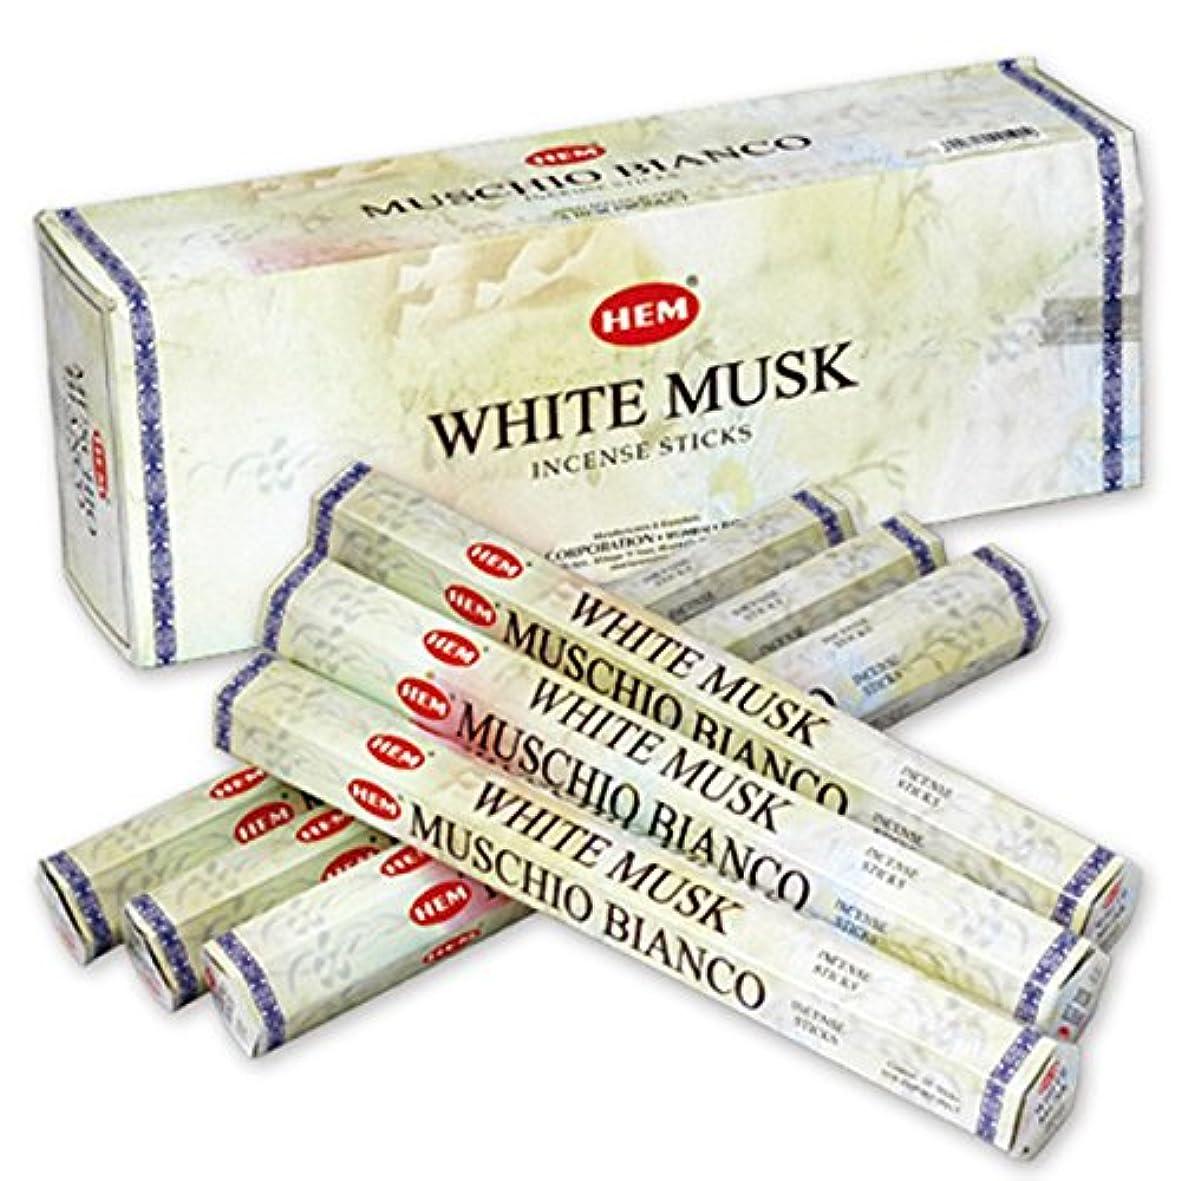 分析的なメール摘むHEM(ヘム) ホワイト?ムスク WHITE-MUSK スティックタイプ お香 6筒 セット [並行輸入品]